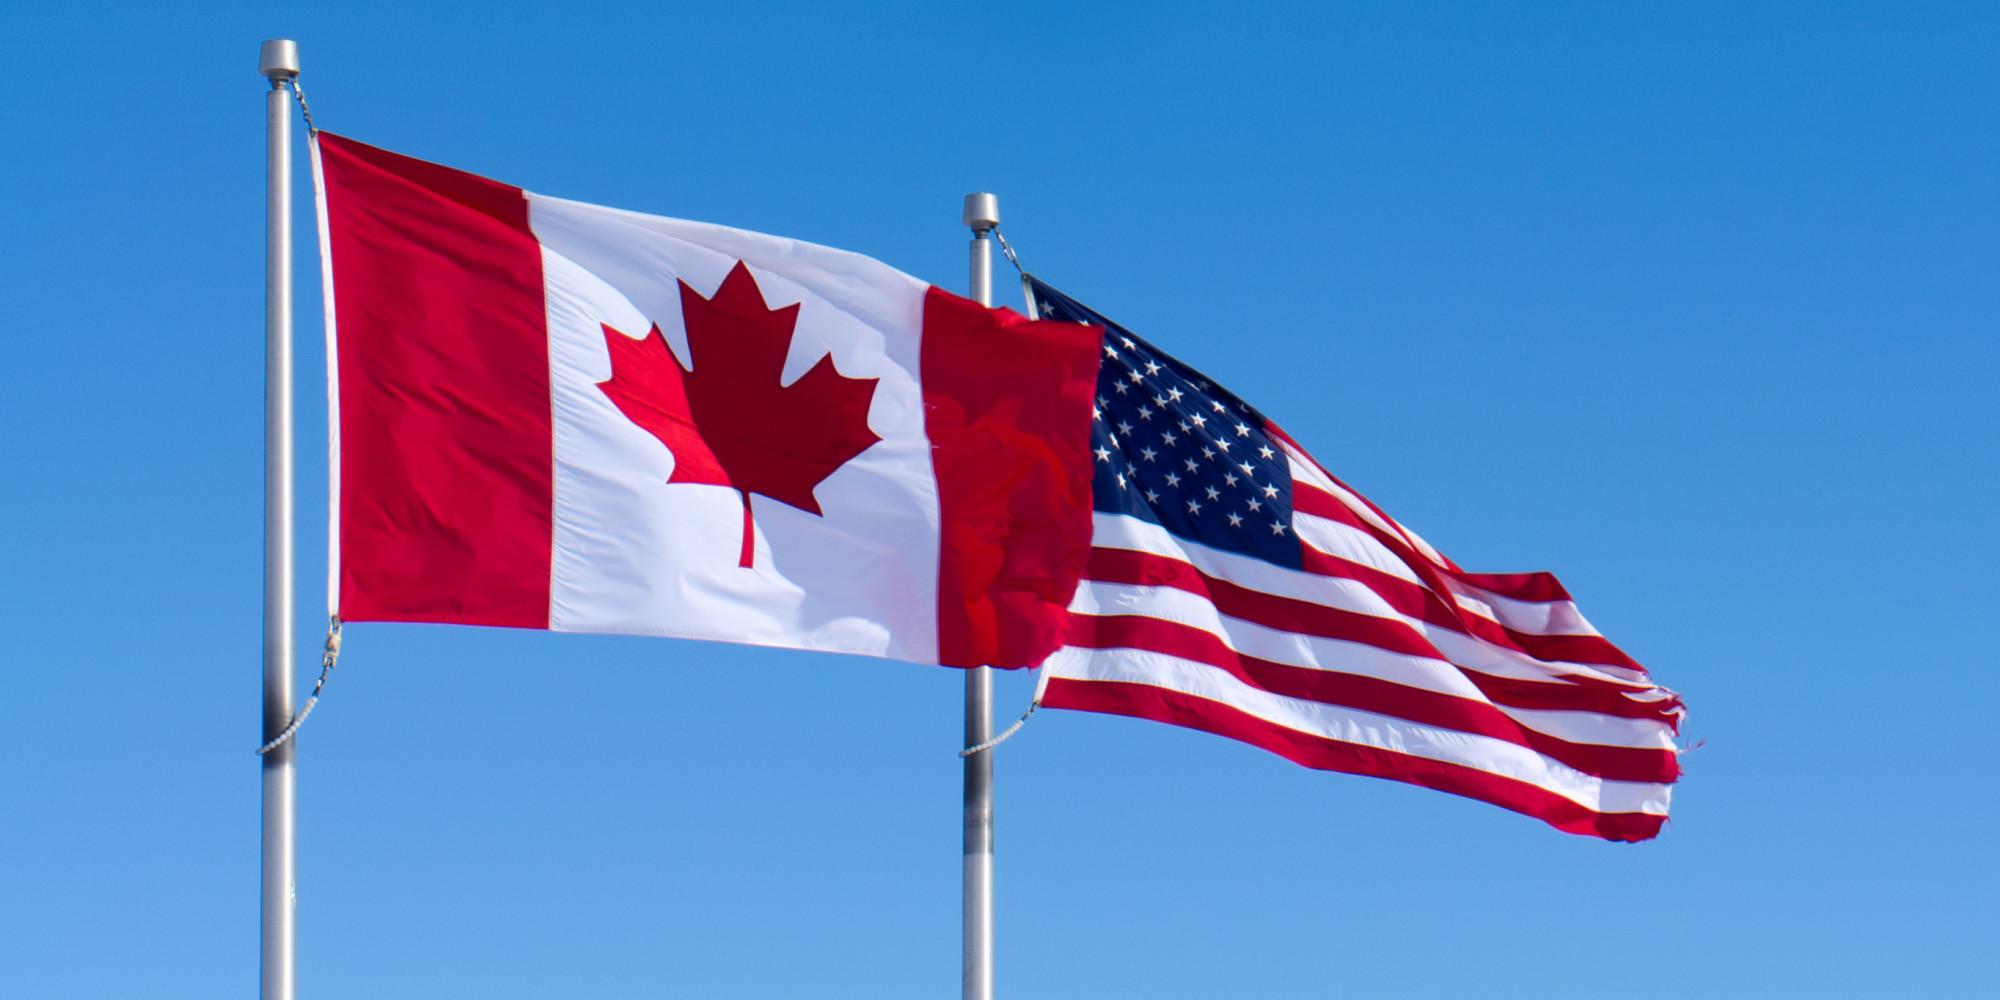 o-CANADA-UNITED-STATES-FLAGS-facebook